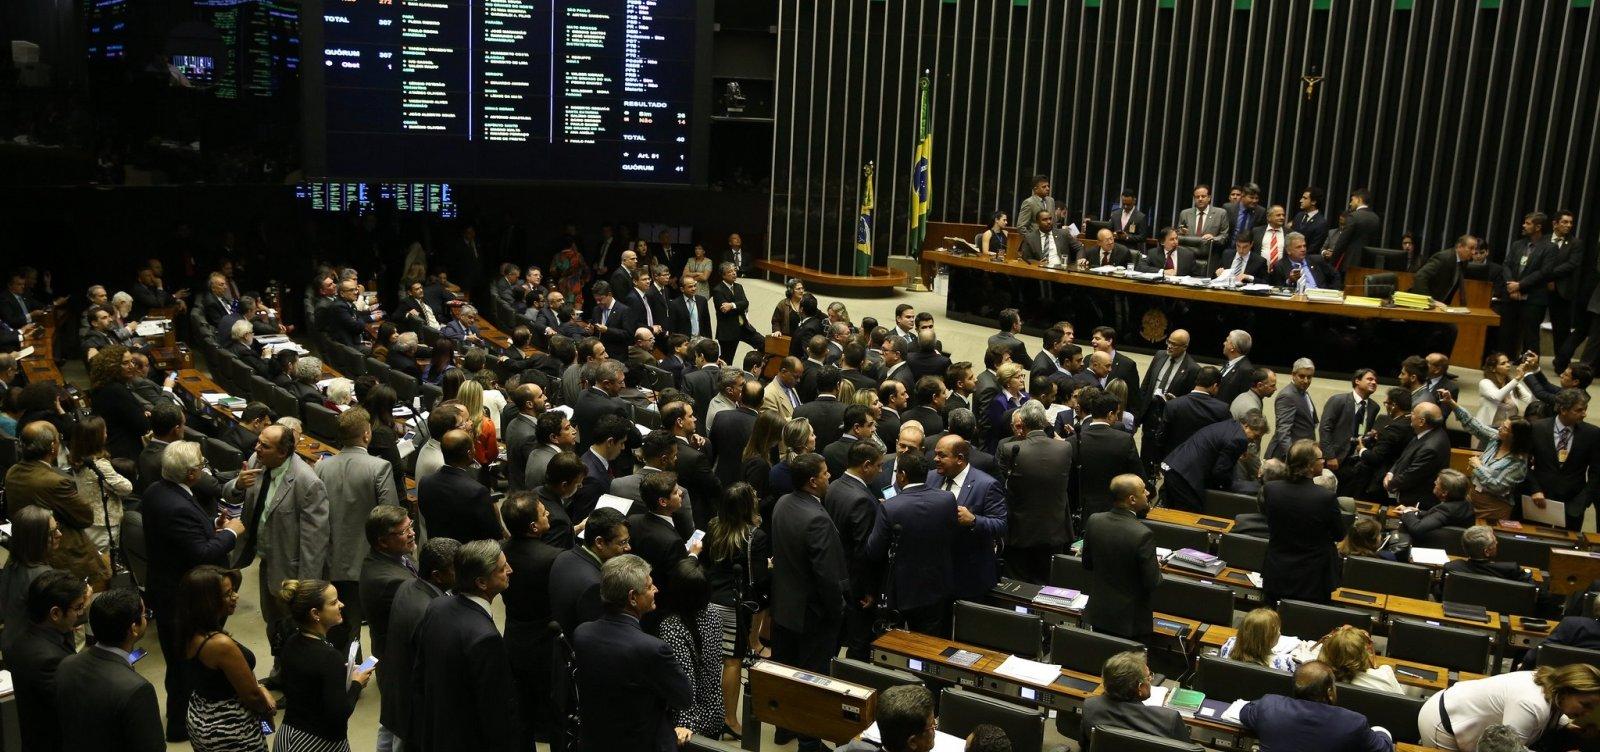 [Direção-Geral do Congresso veta jornalistas em sessão com Bolsonaro]